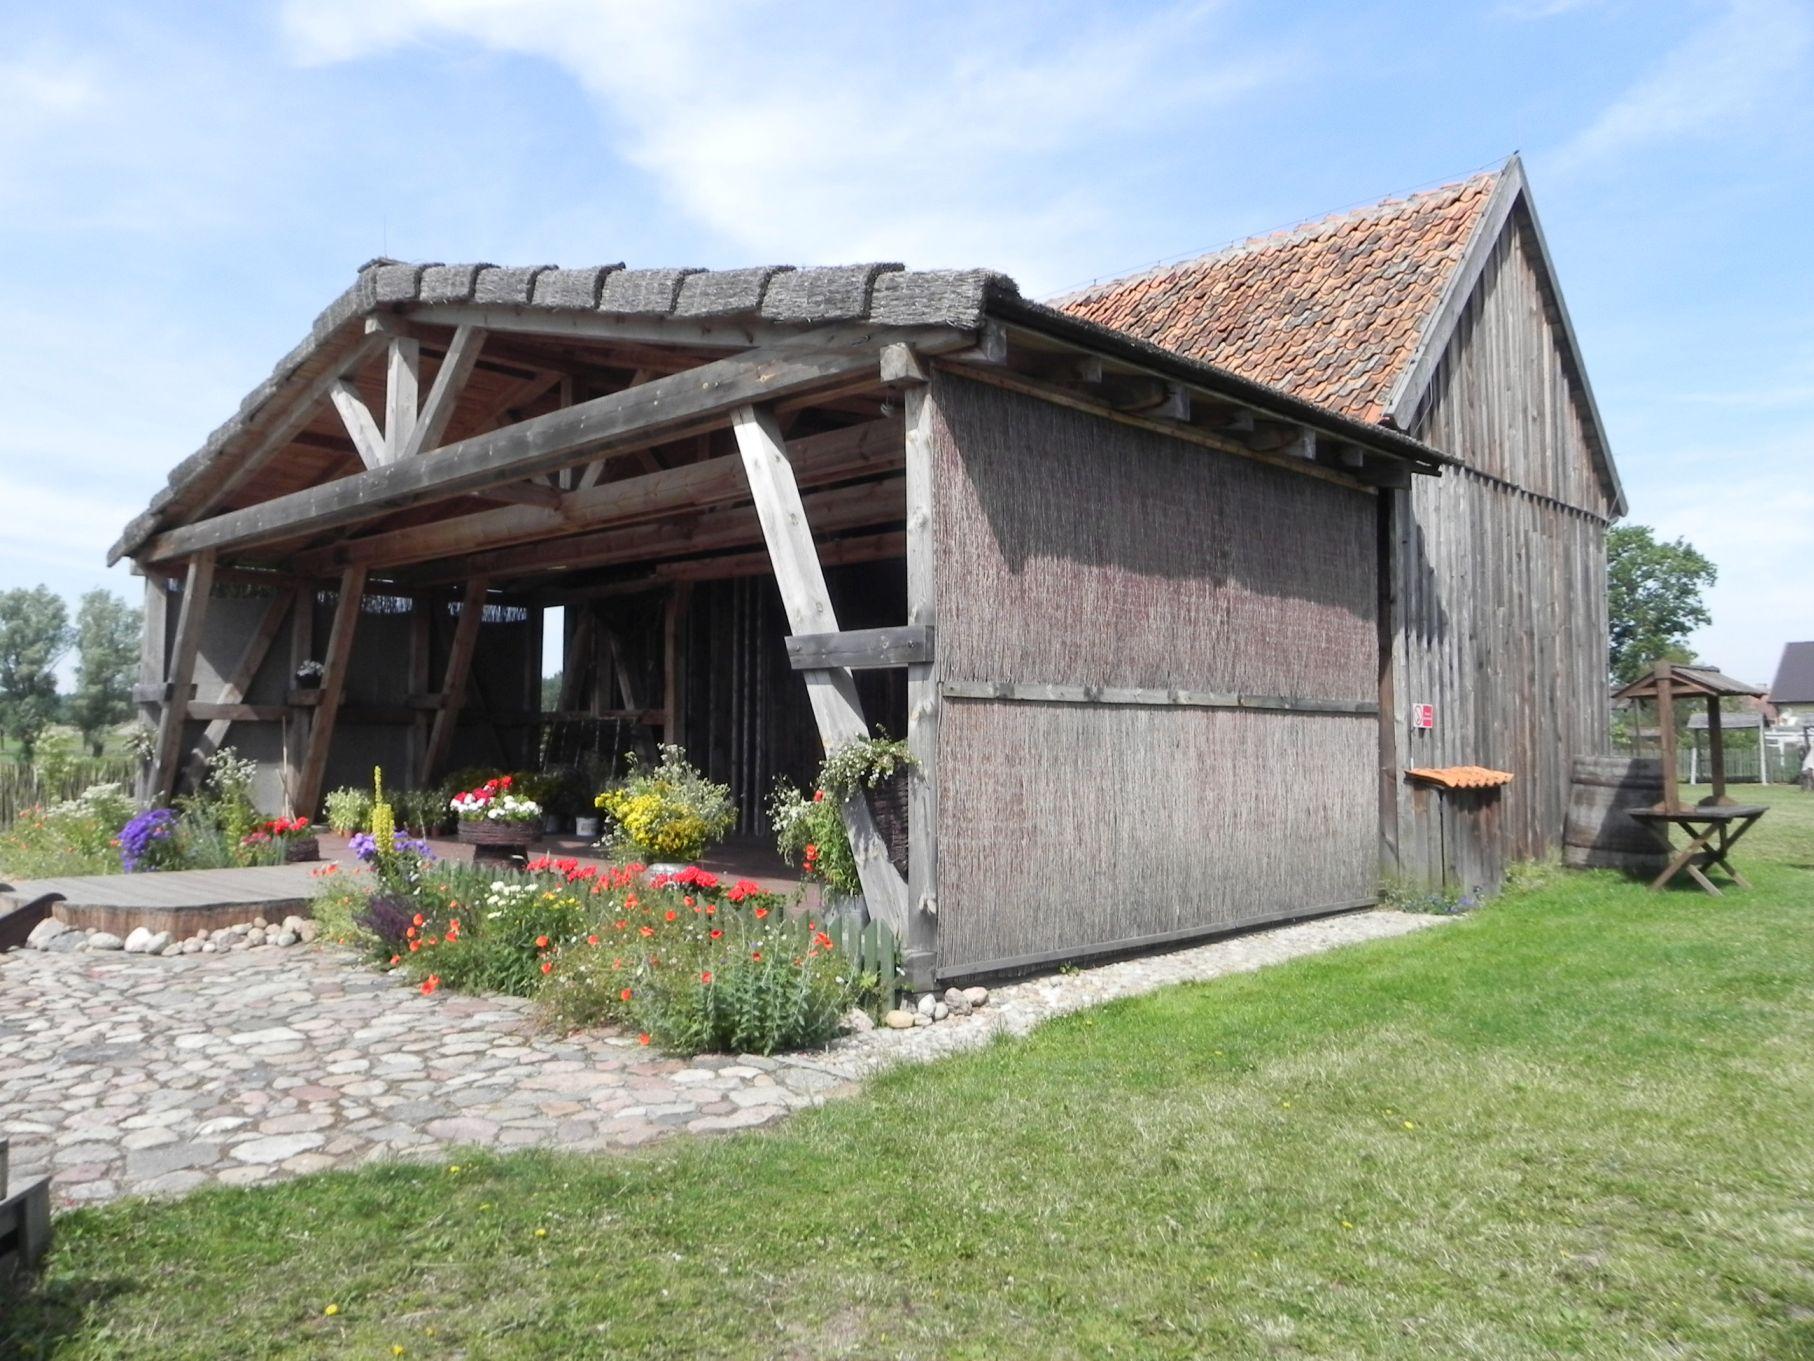 Kamionka - wioski tematyczne (15)